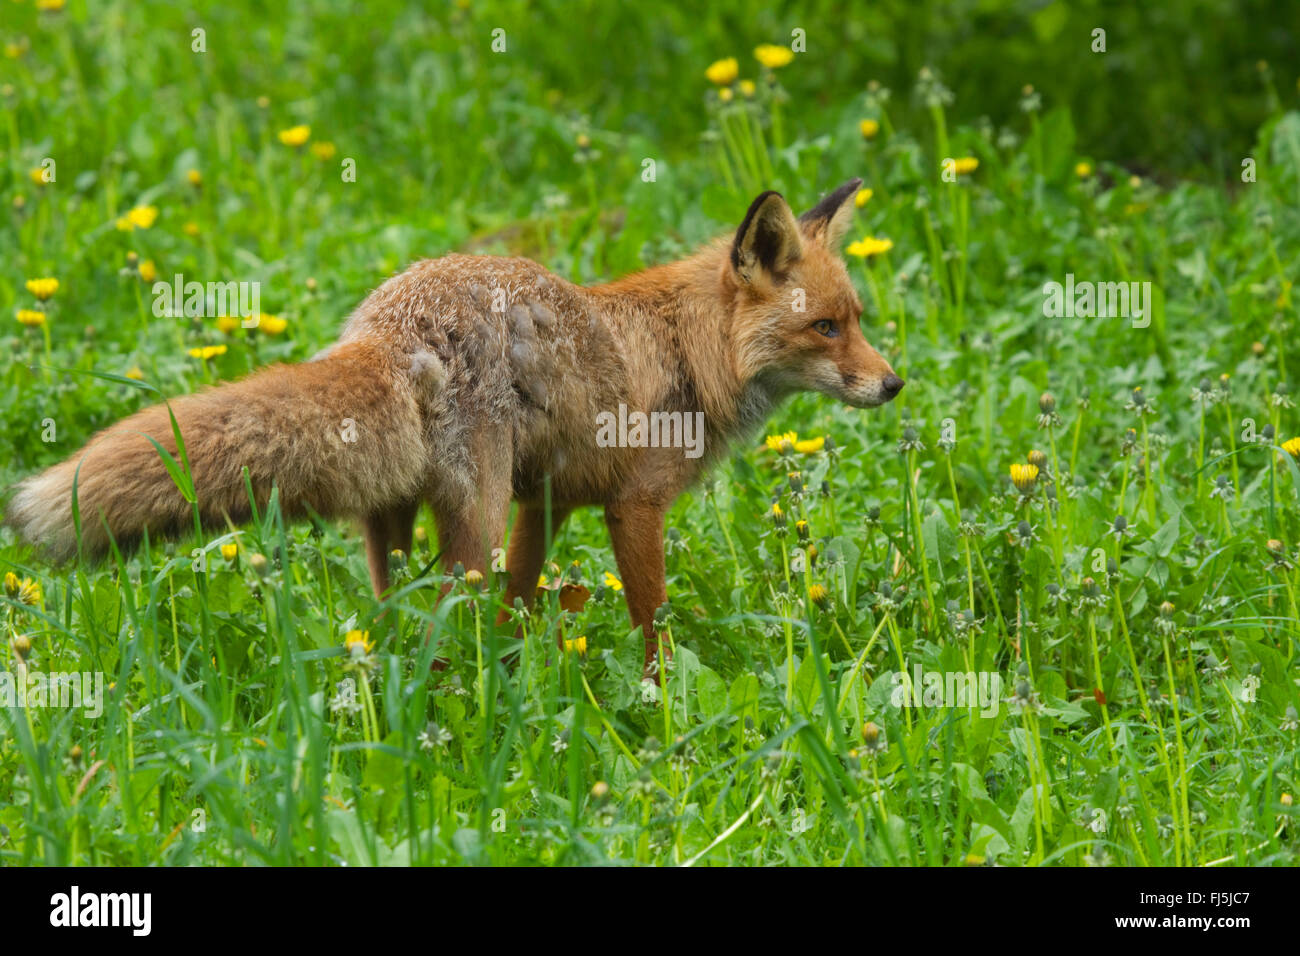 Le renard roux (Vulpes vulpes), dans un pré de fleurs de pissenlit, Suède Banque D'Images